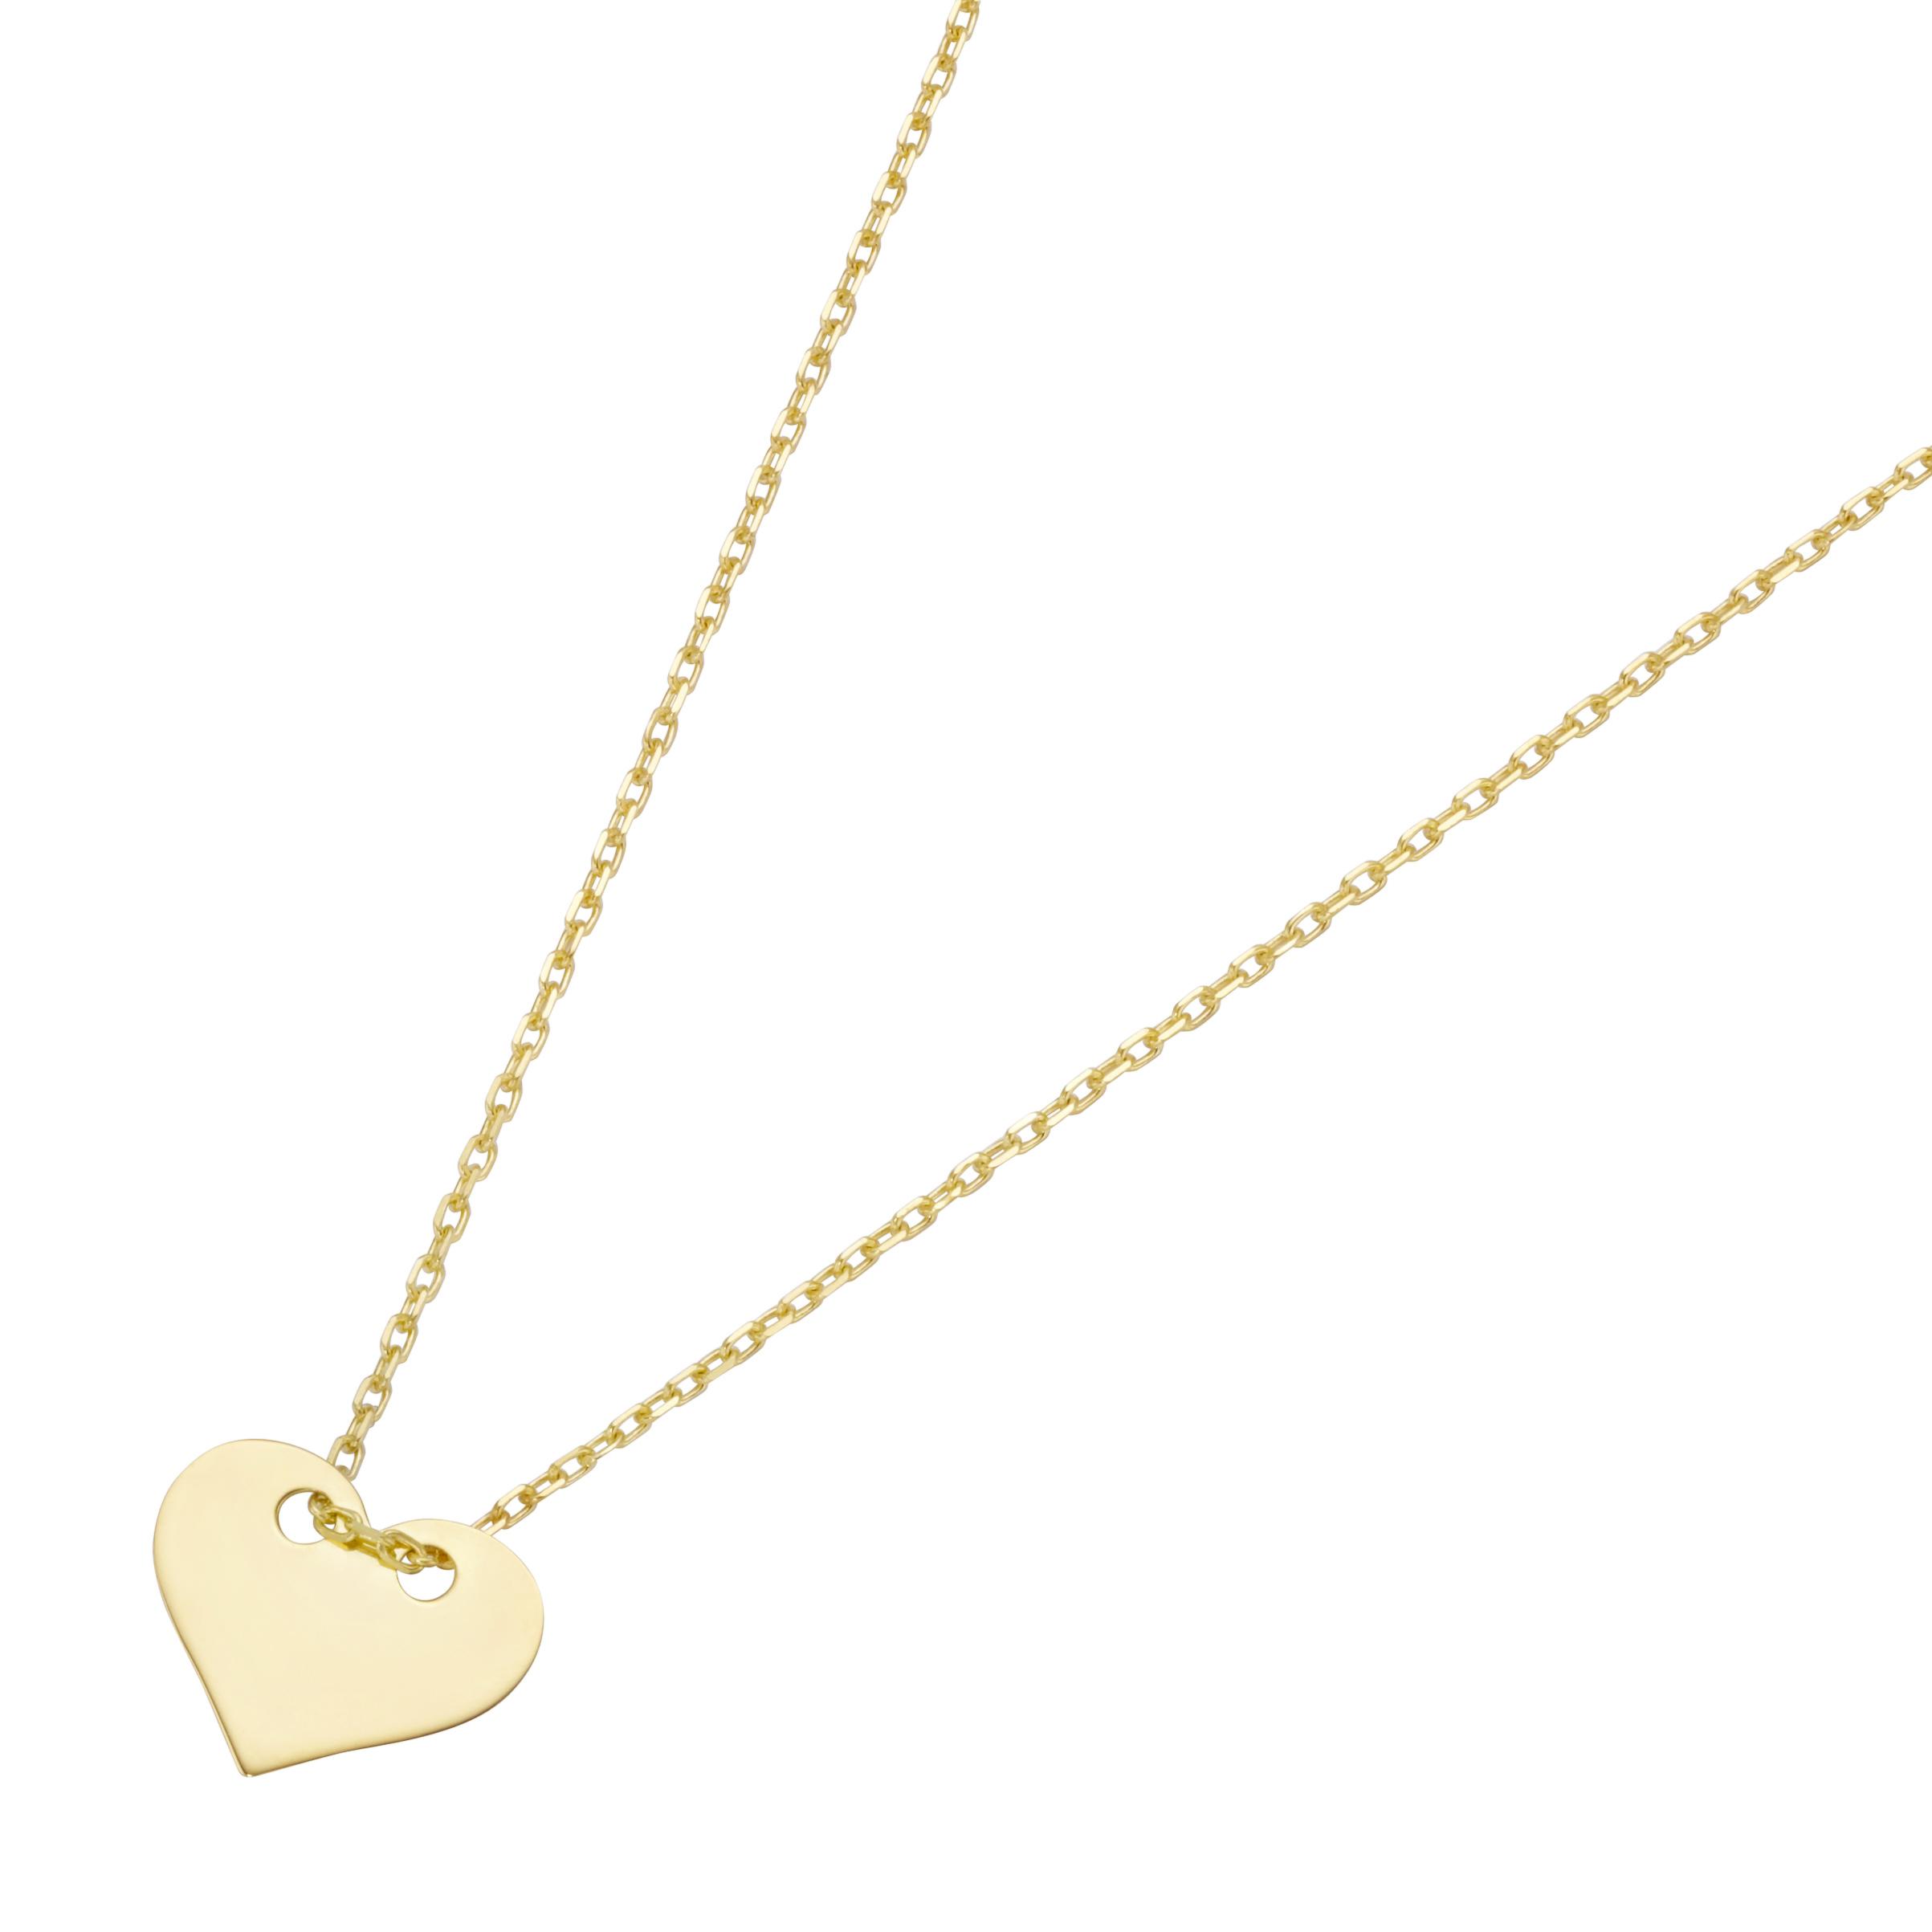 Anhänger mit Herz, Gold 375